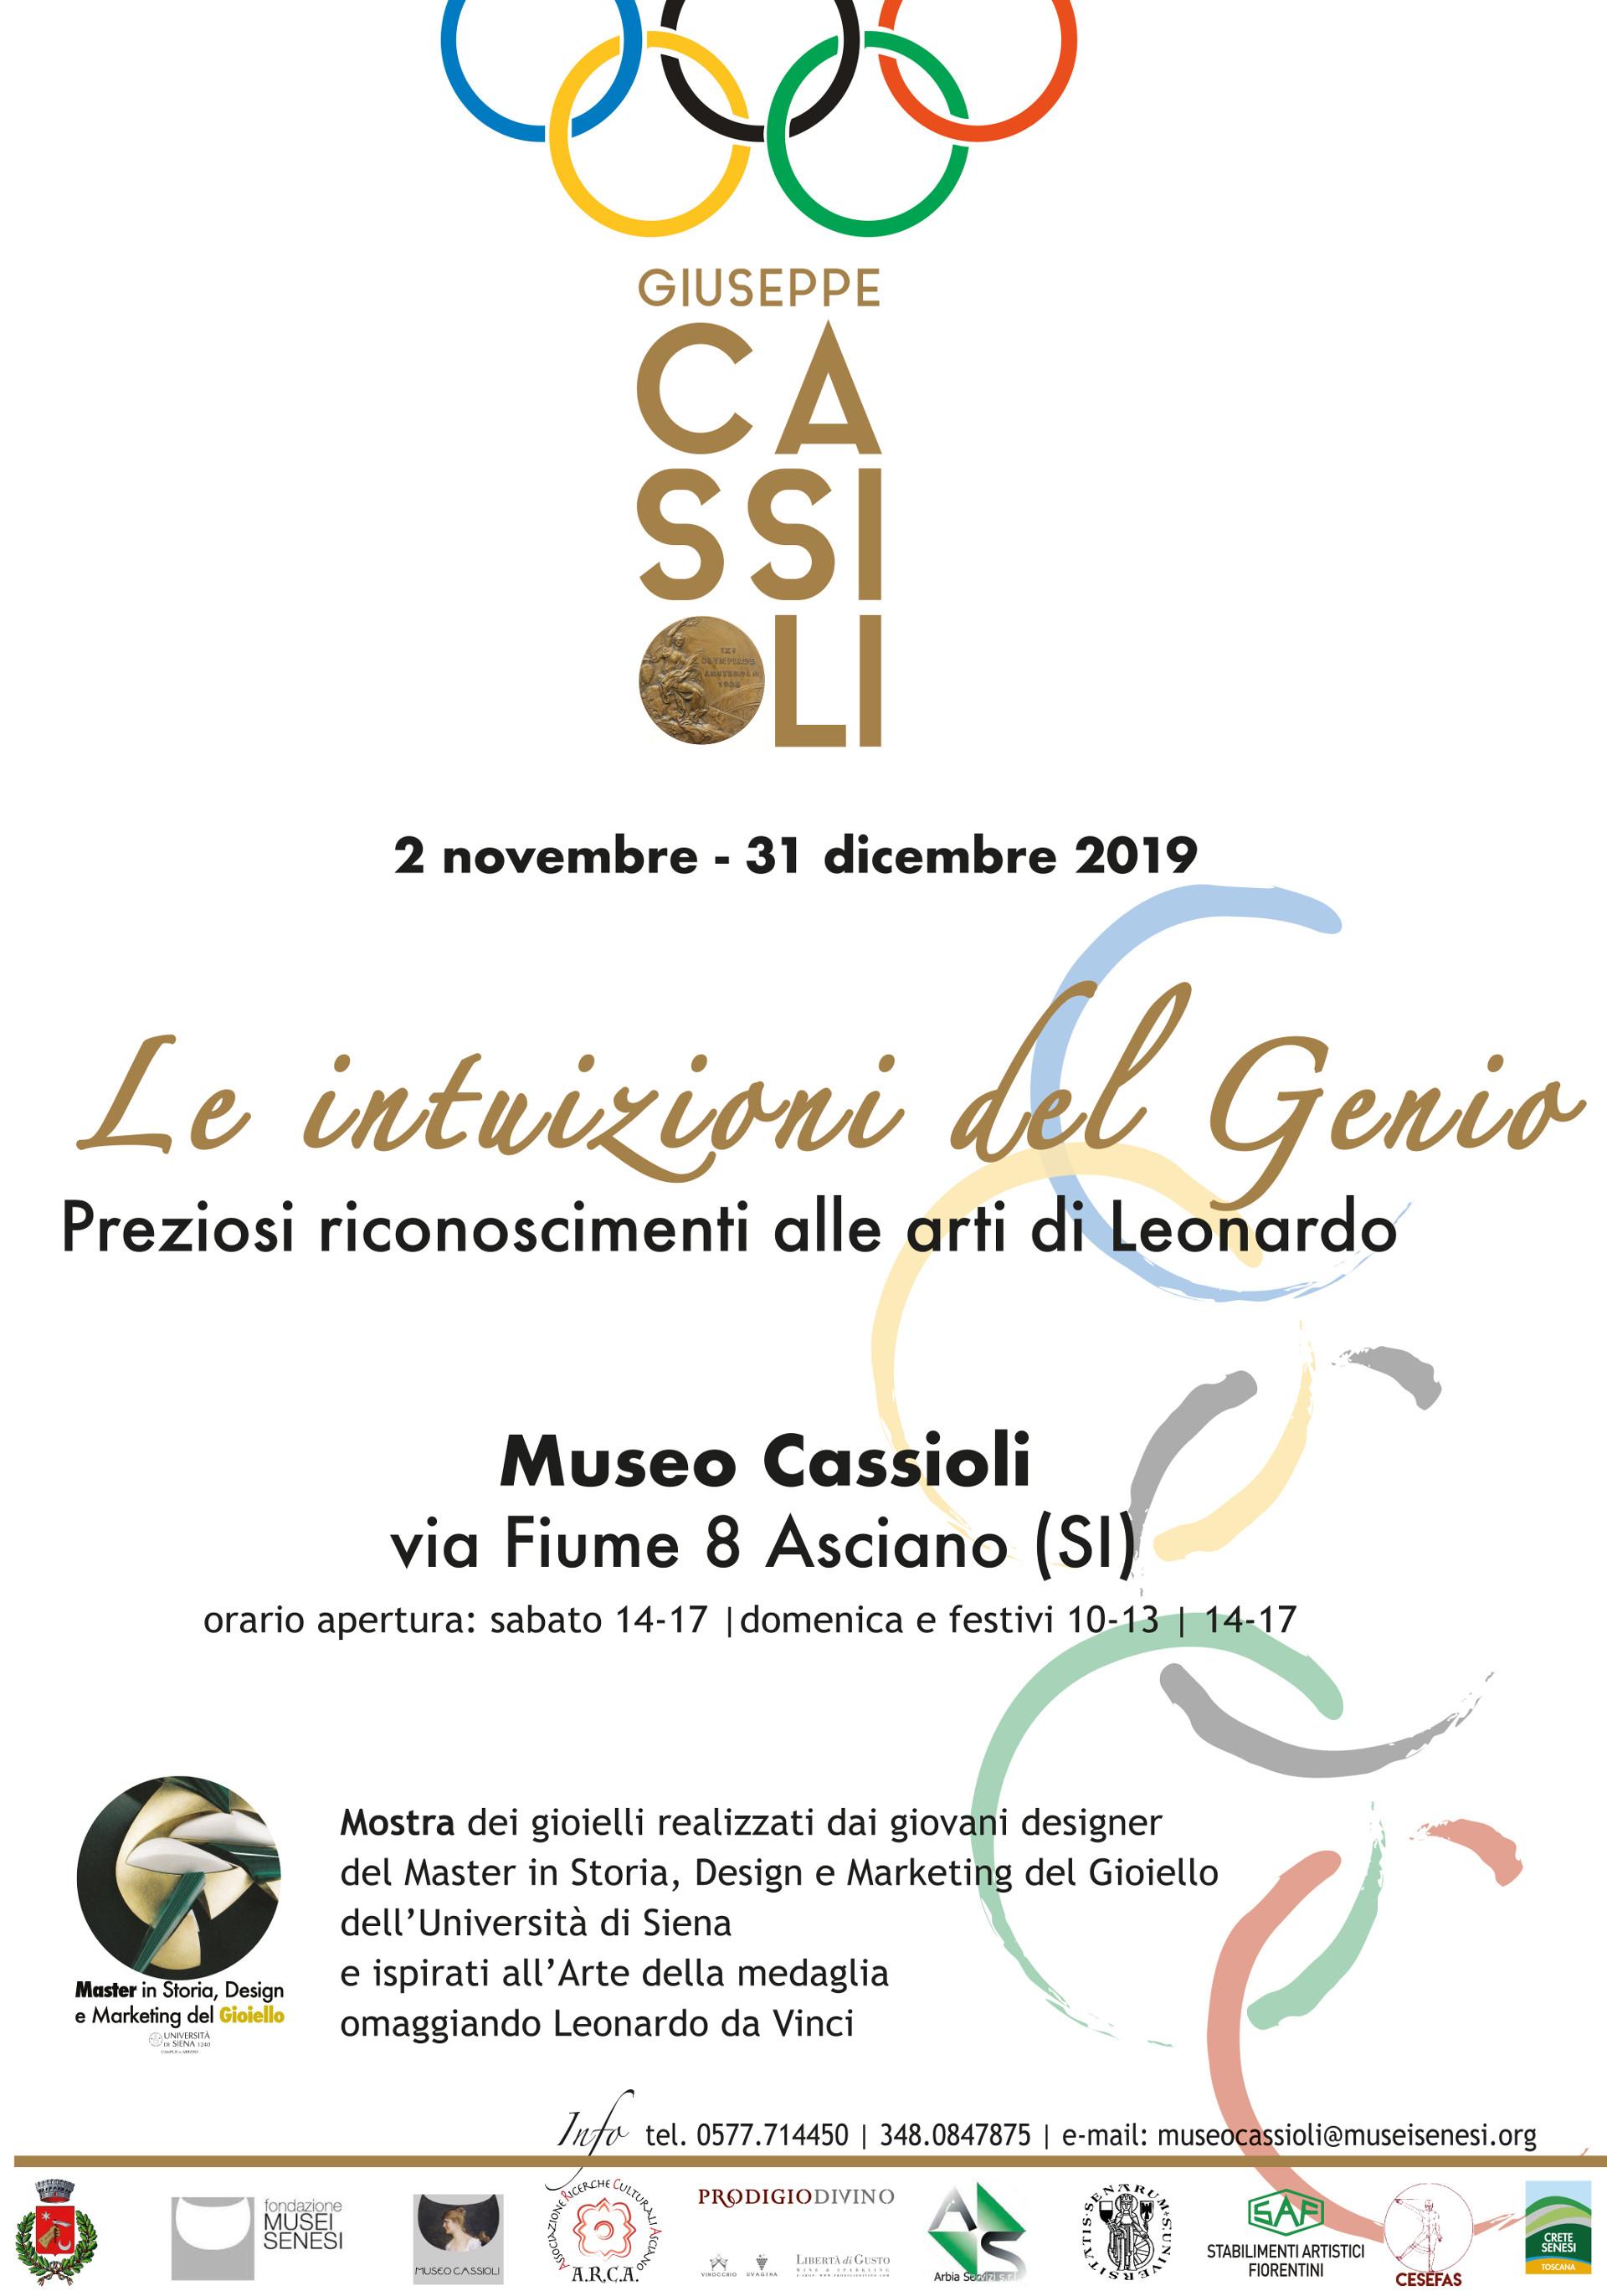 Le intuizioni del Genio. Preziosi riconoscimenti alle arti di Leonardo – sabato 2 novembre – ore 17:00 – Museo Cassioli – Asciano (SI)